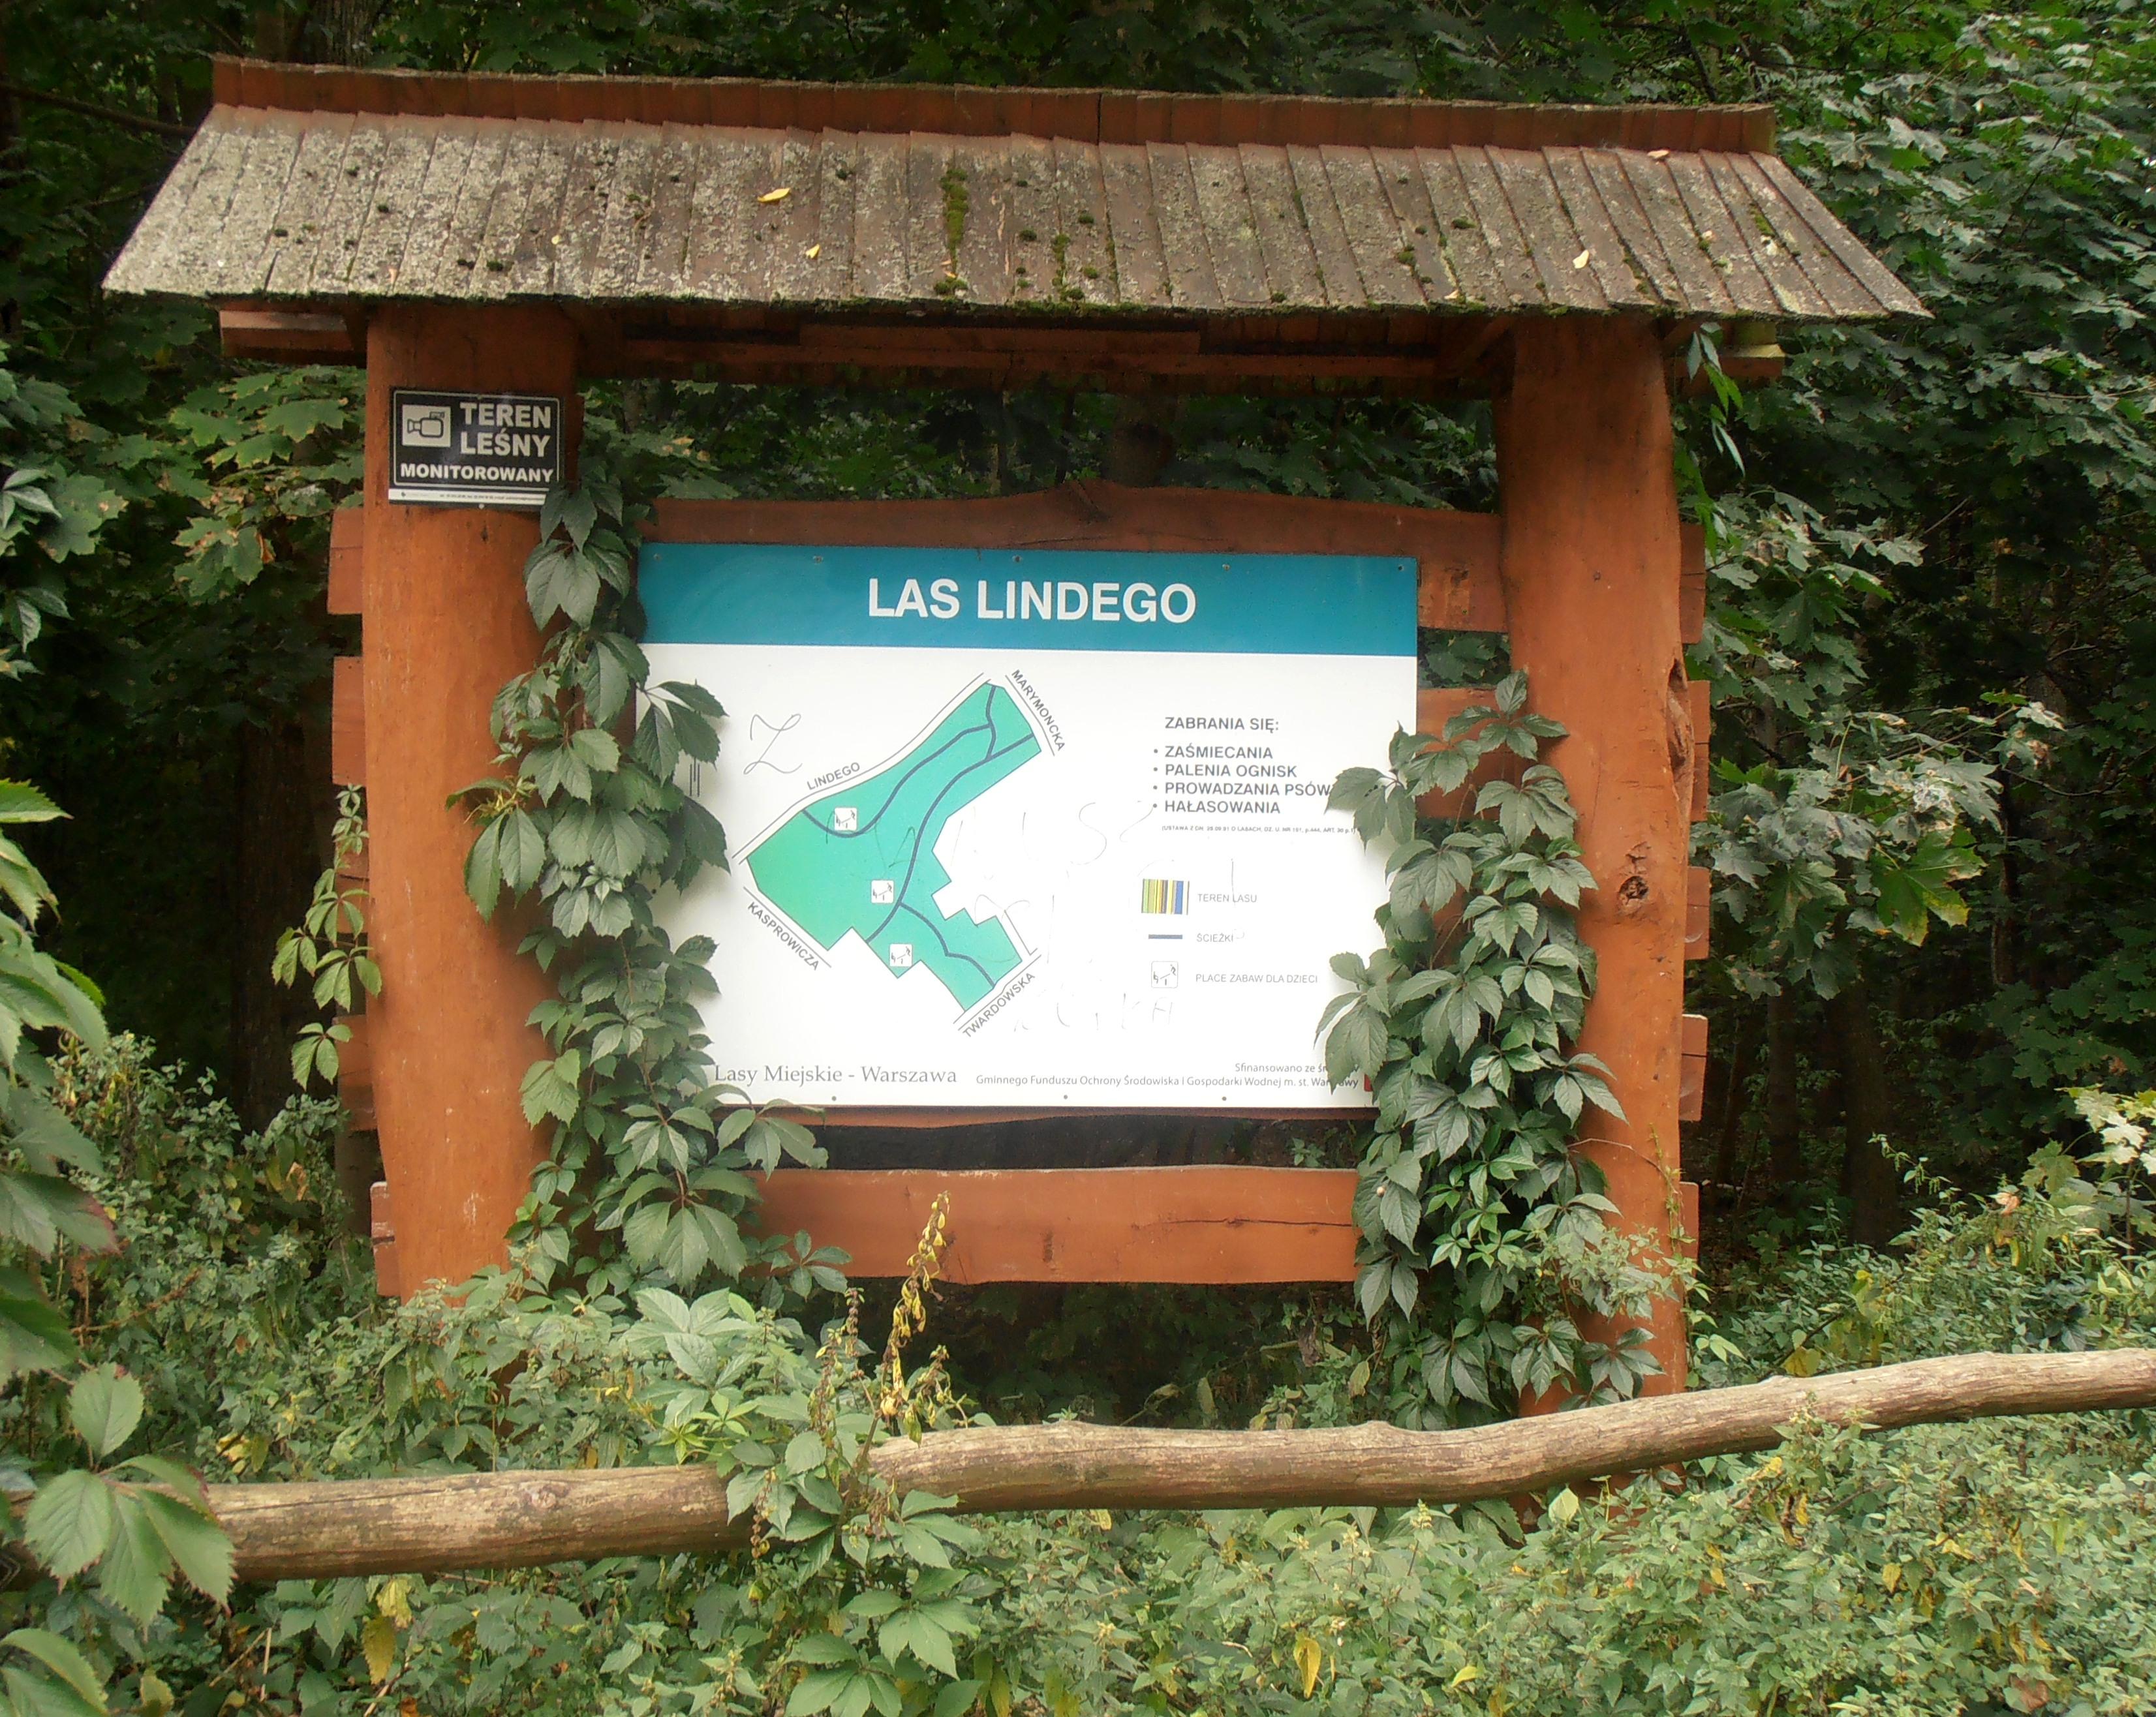 Las Lindego